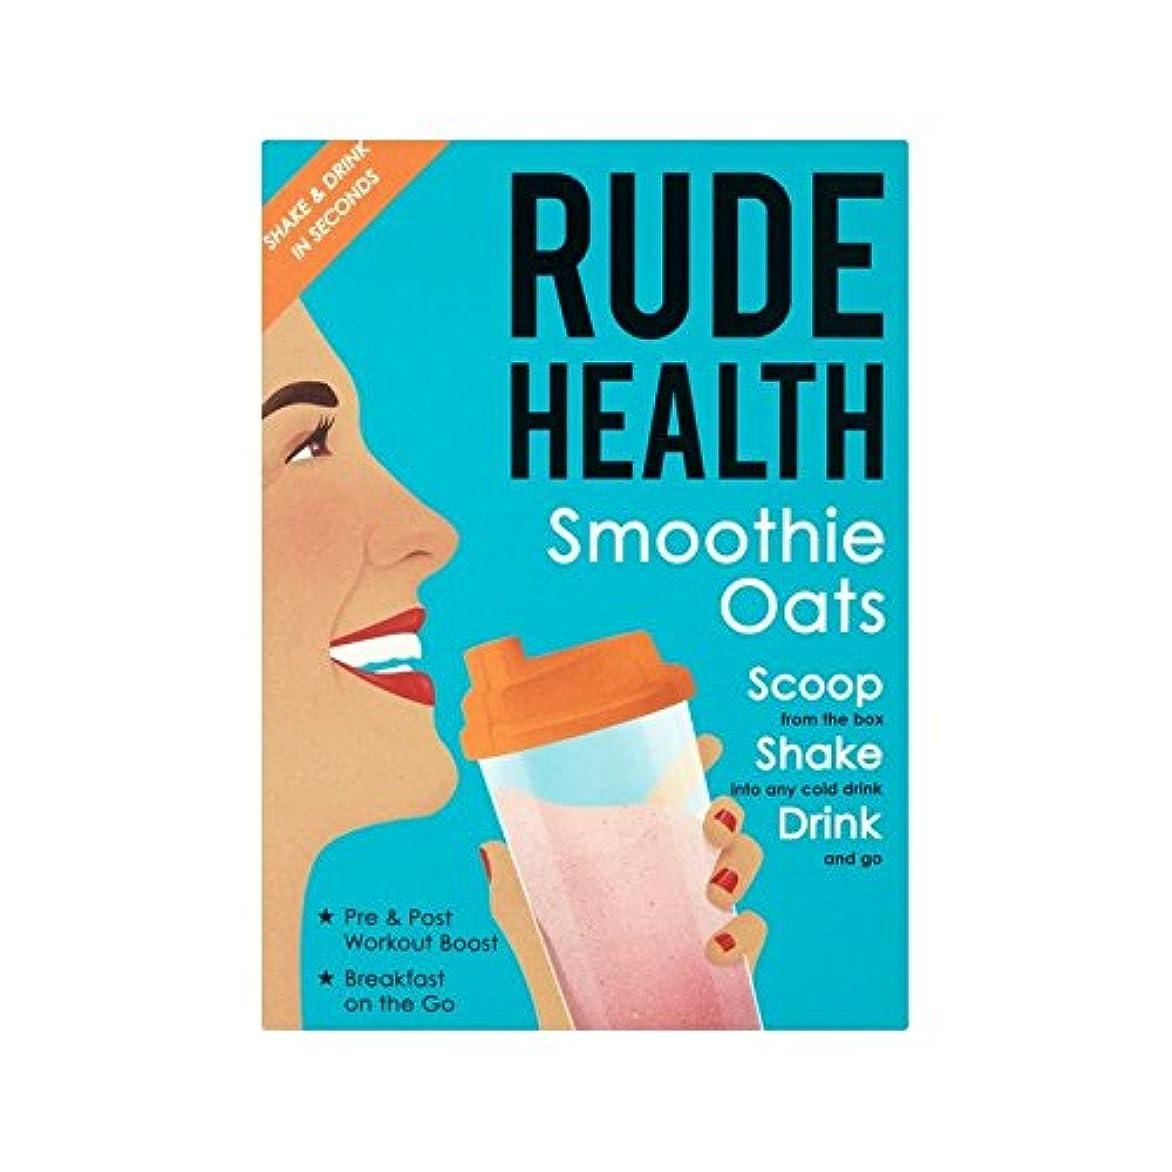 引き付ける虹早熟スムージーオート麦250グラム (Rude Health) (x 2) - Rude Health Smoothie Oats 250g (Pack of 2) [並行輸入品]